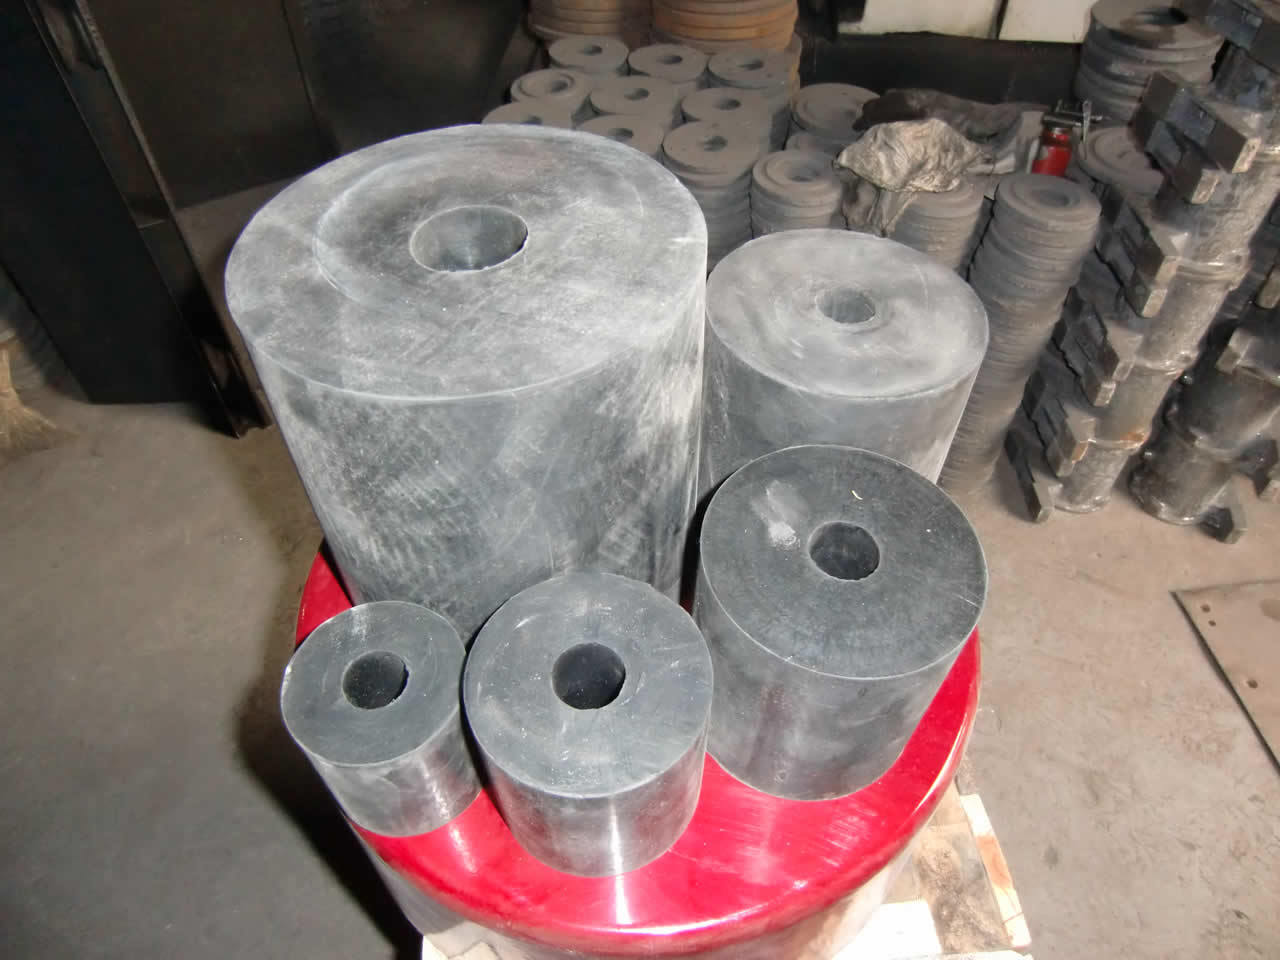 橡胶弹簧、钢制弹簧、复合弹簧分析